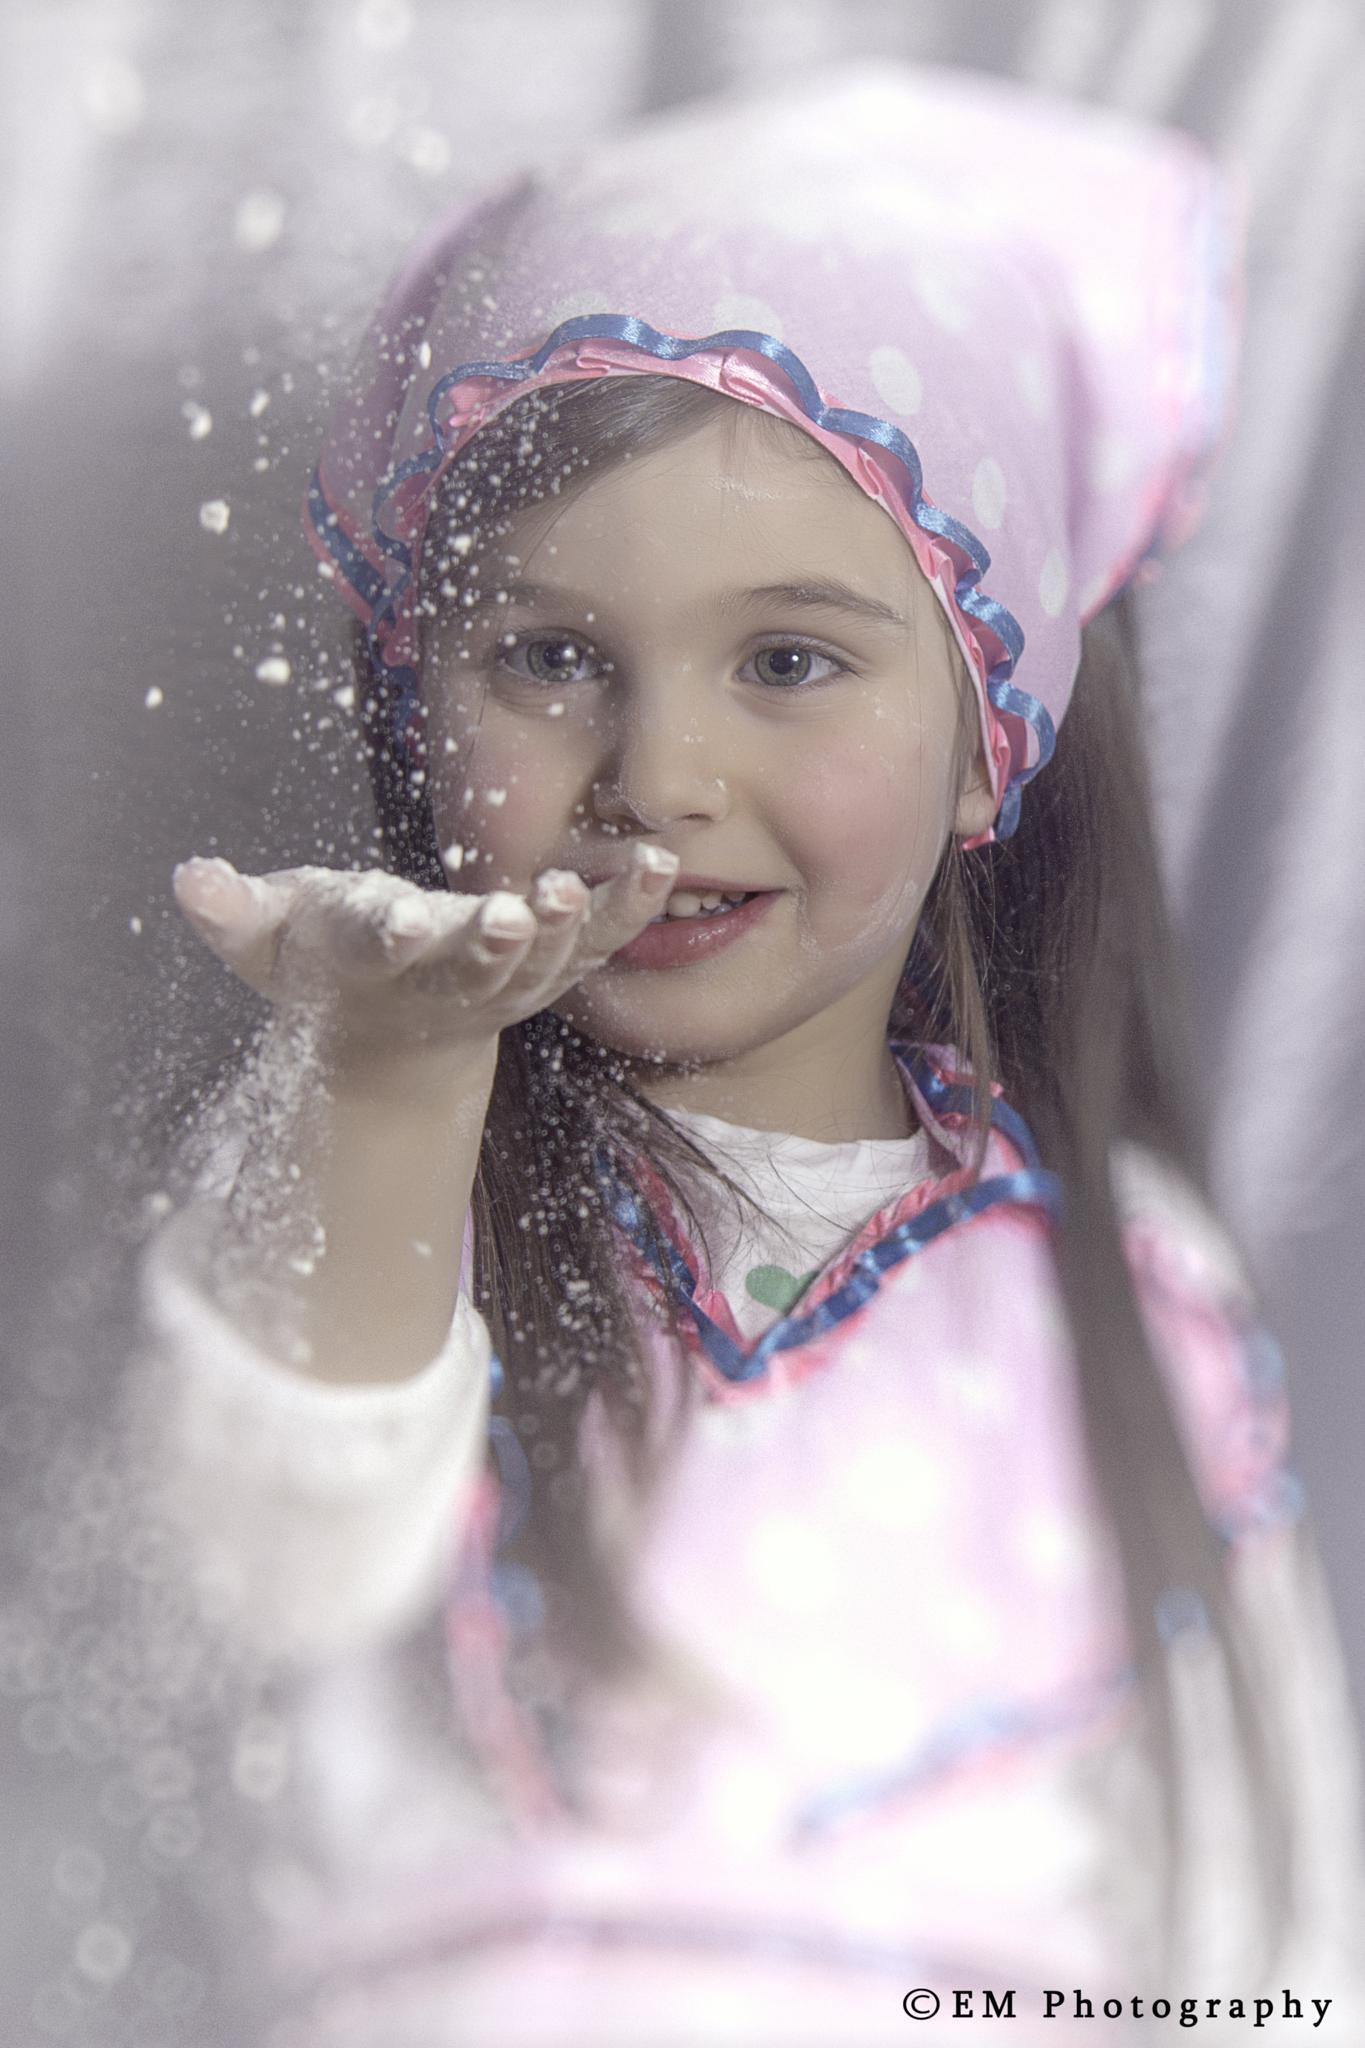 flour girl by Edgar Martirosyan